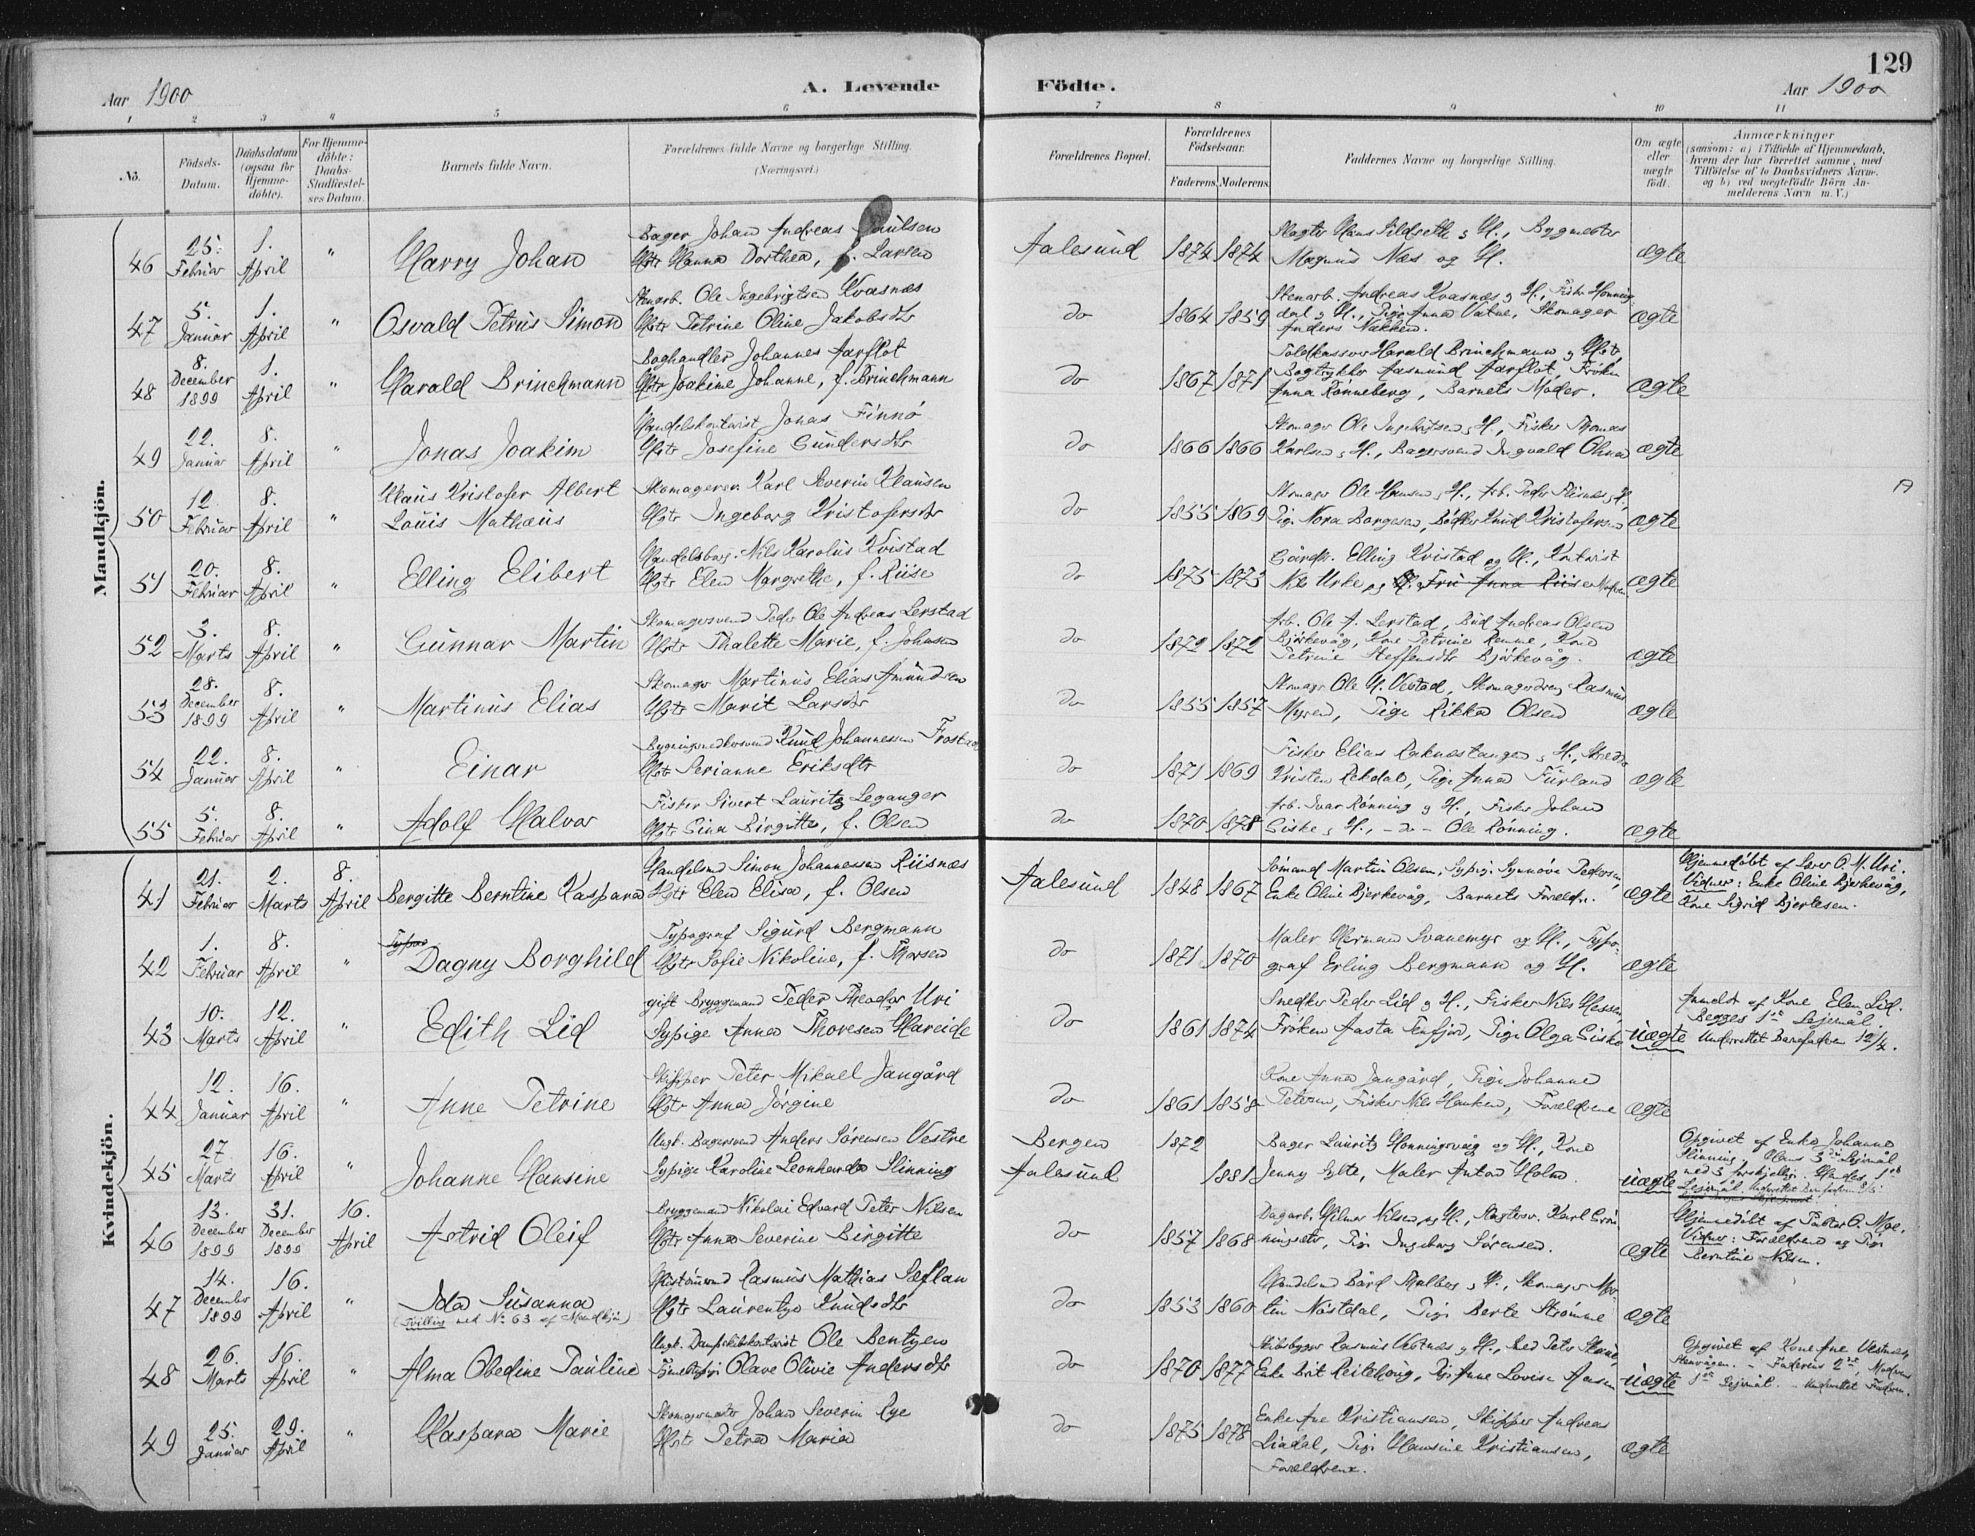 SAT, Ministerialprotokoller, klokkerbøker og fødselsregistre - Møre og Romsdal, 529/L0456: Ministerialbok nr. 529A06, 1894-1906, s. 129